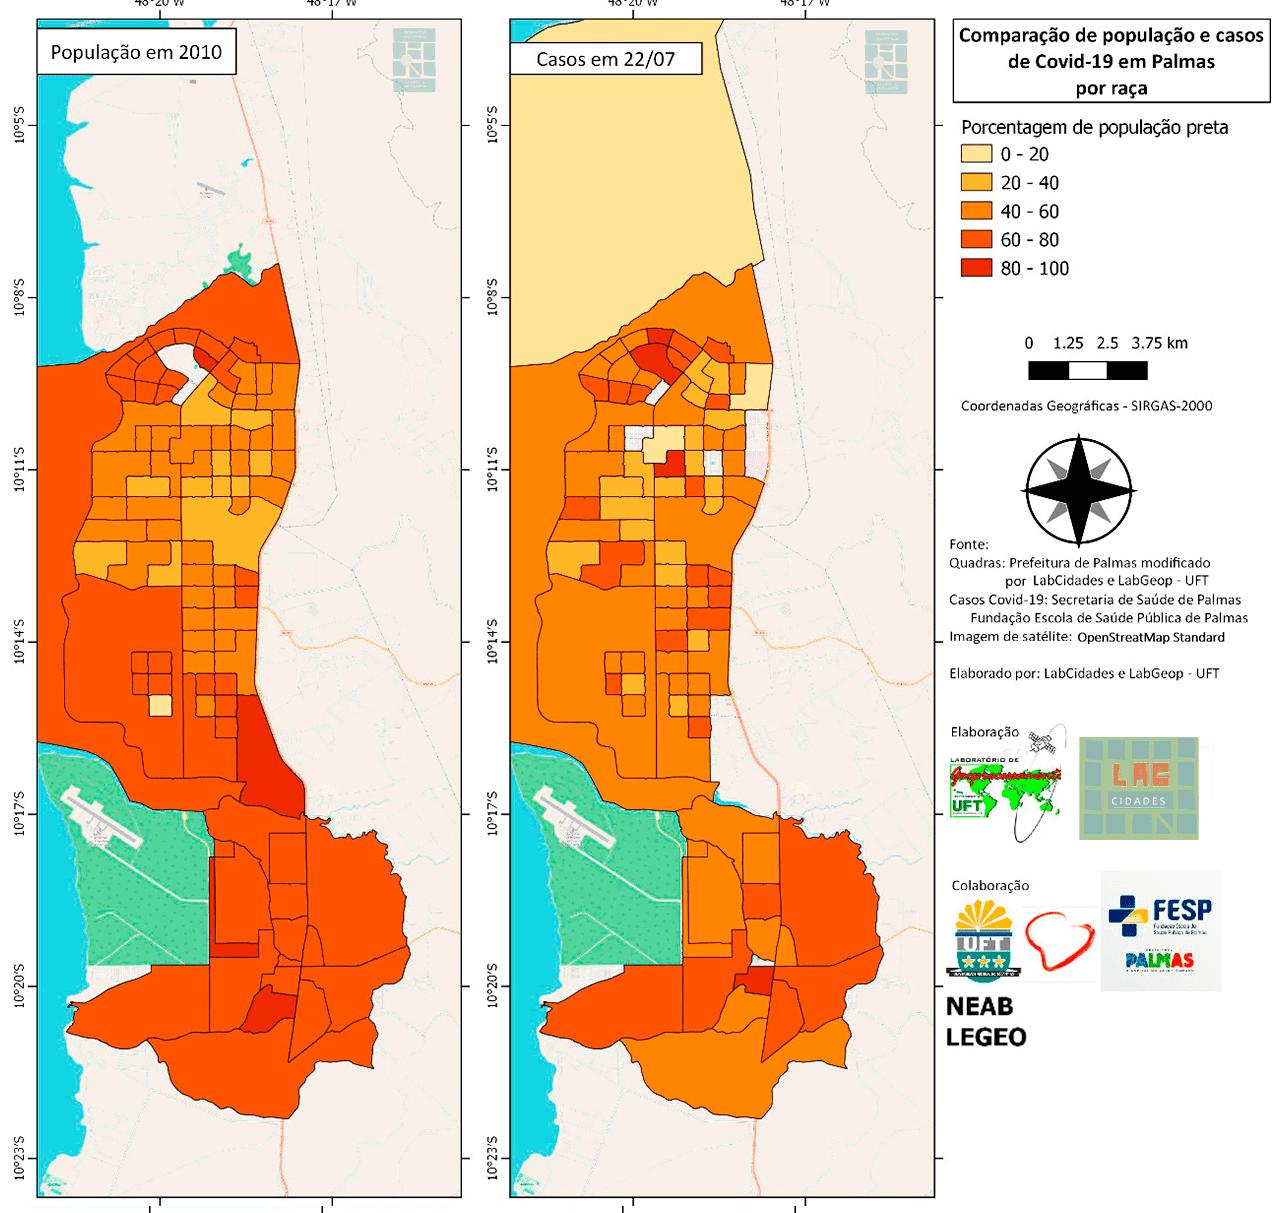 Comparação população e casos de COVID-19 em Palmas por Raça